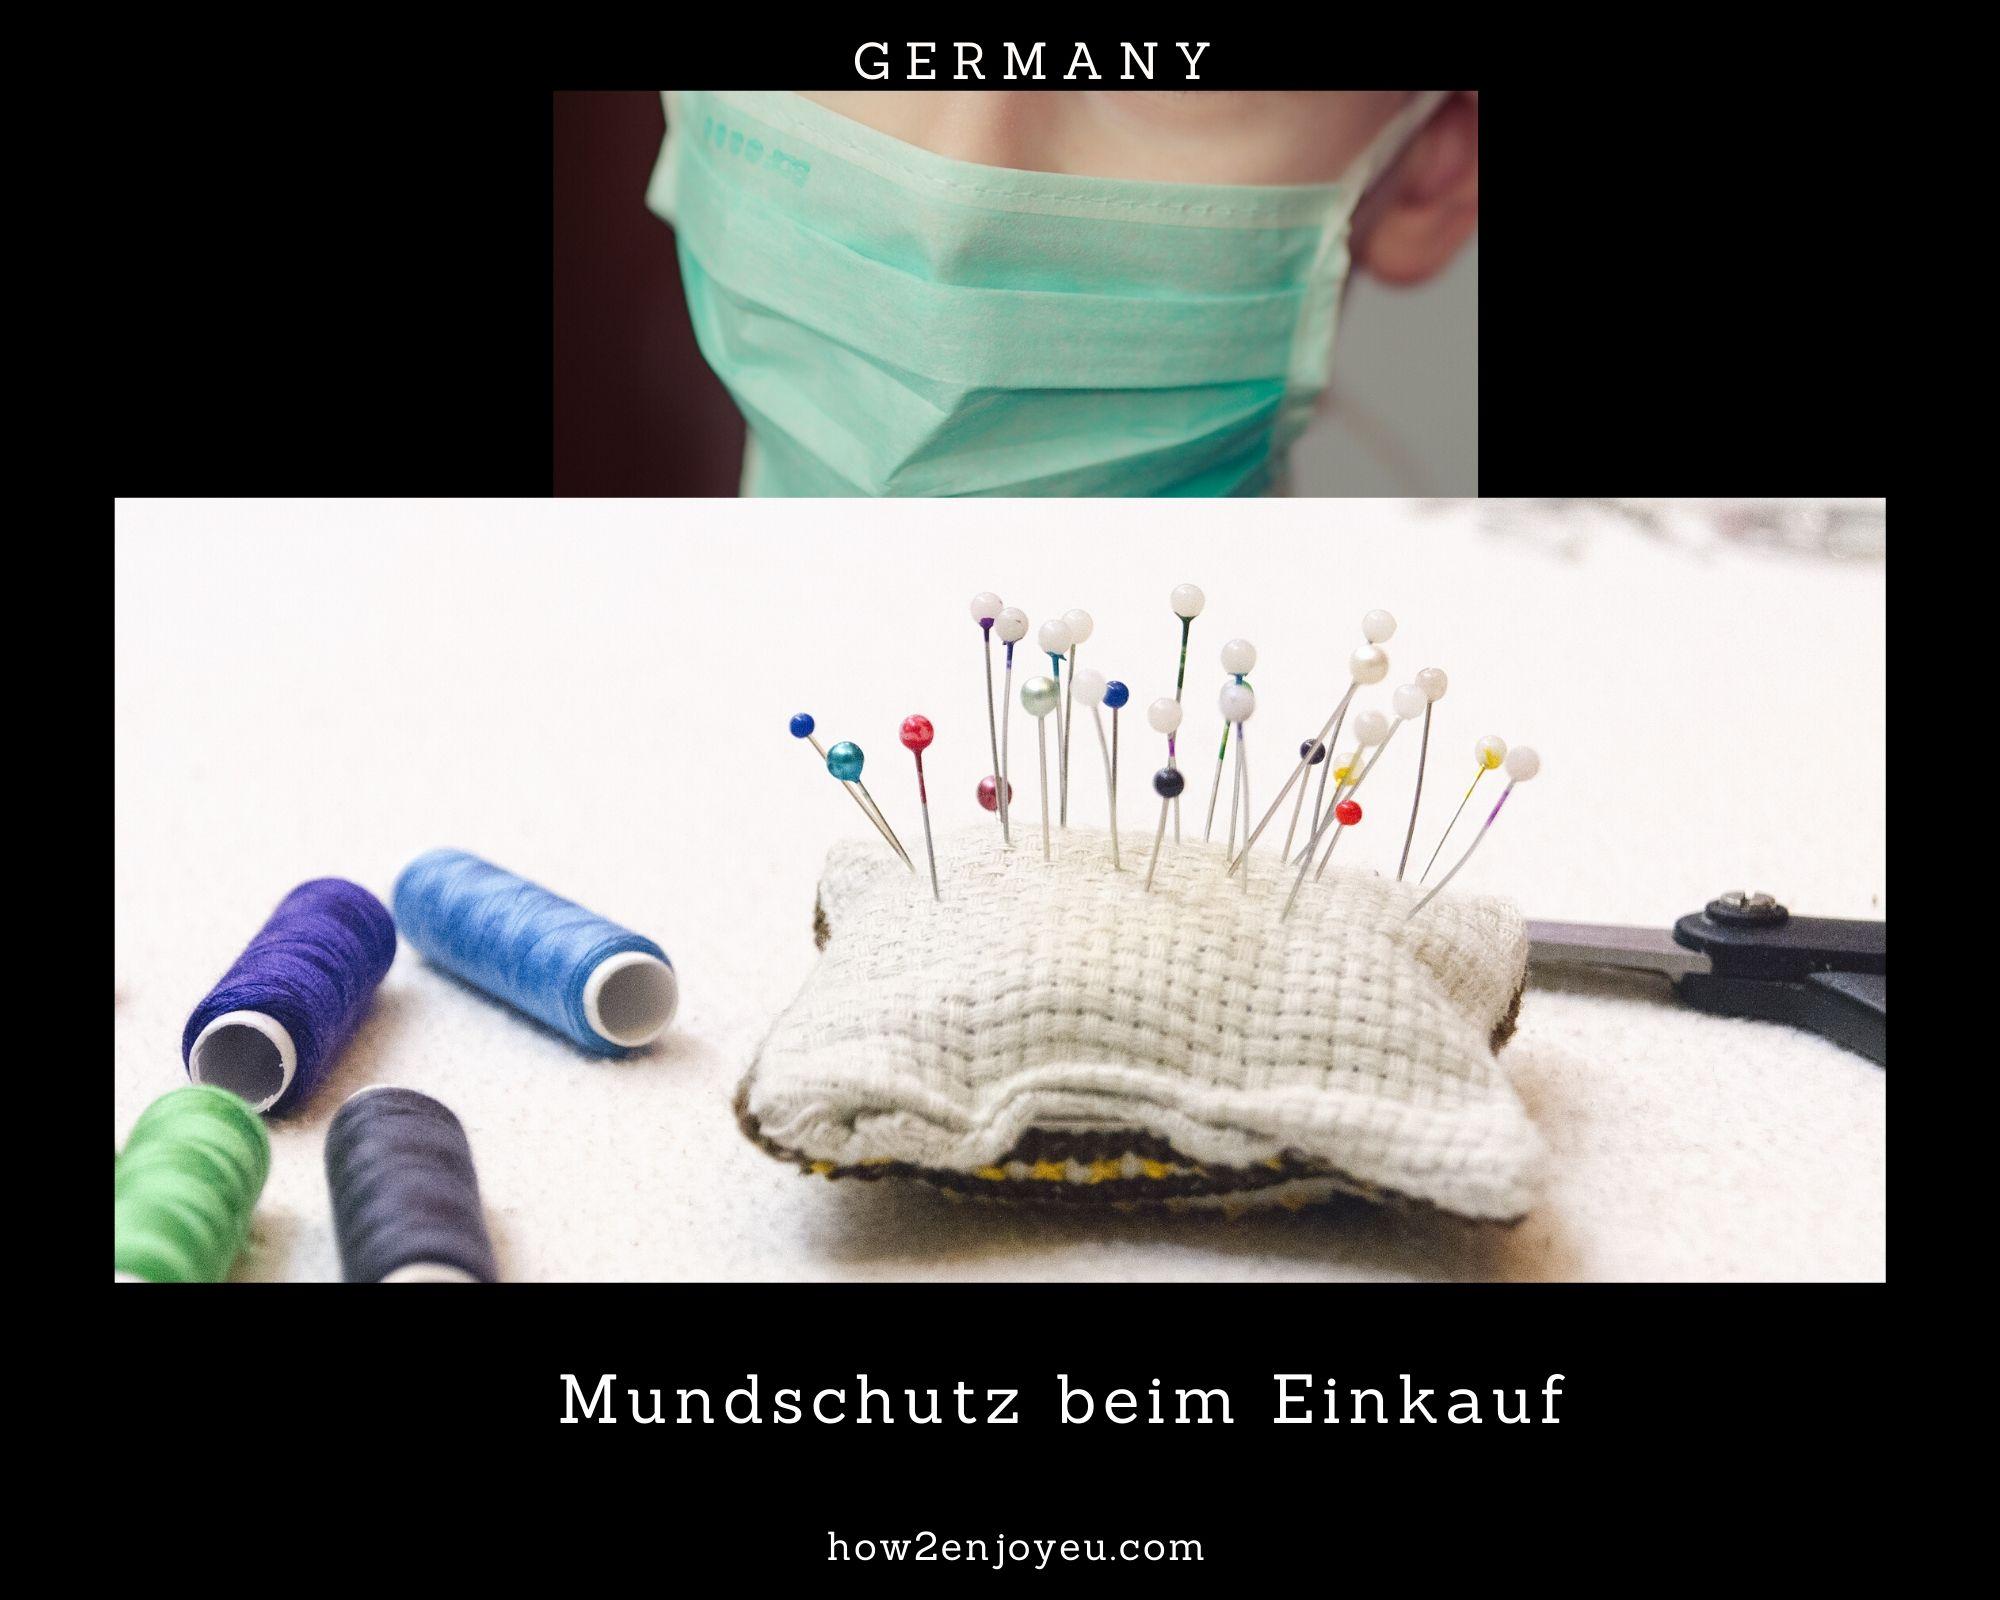 ドイツ、流通業界から「スーパーでの買い物の際にはマスク着用を」とのお願いが